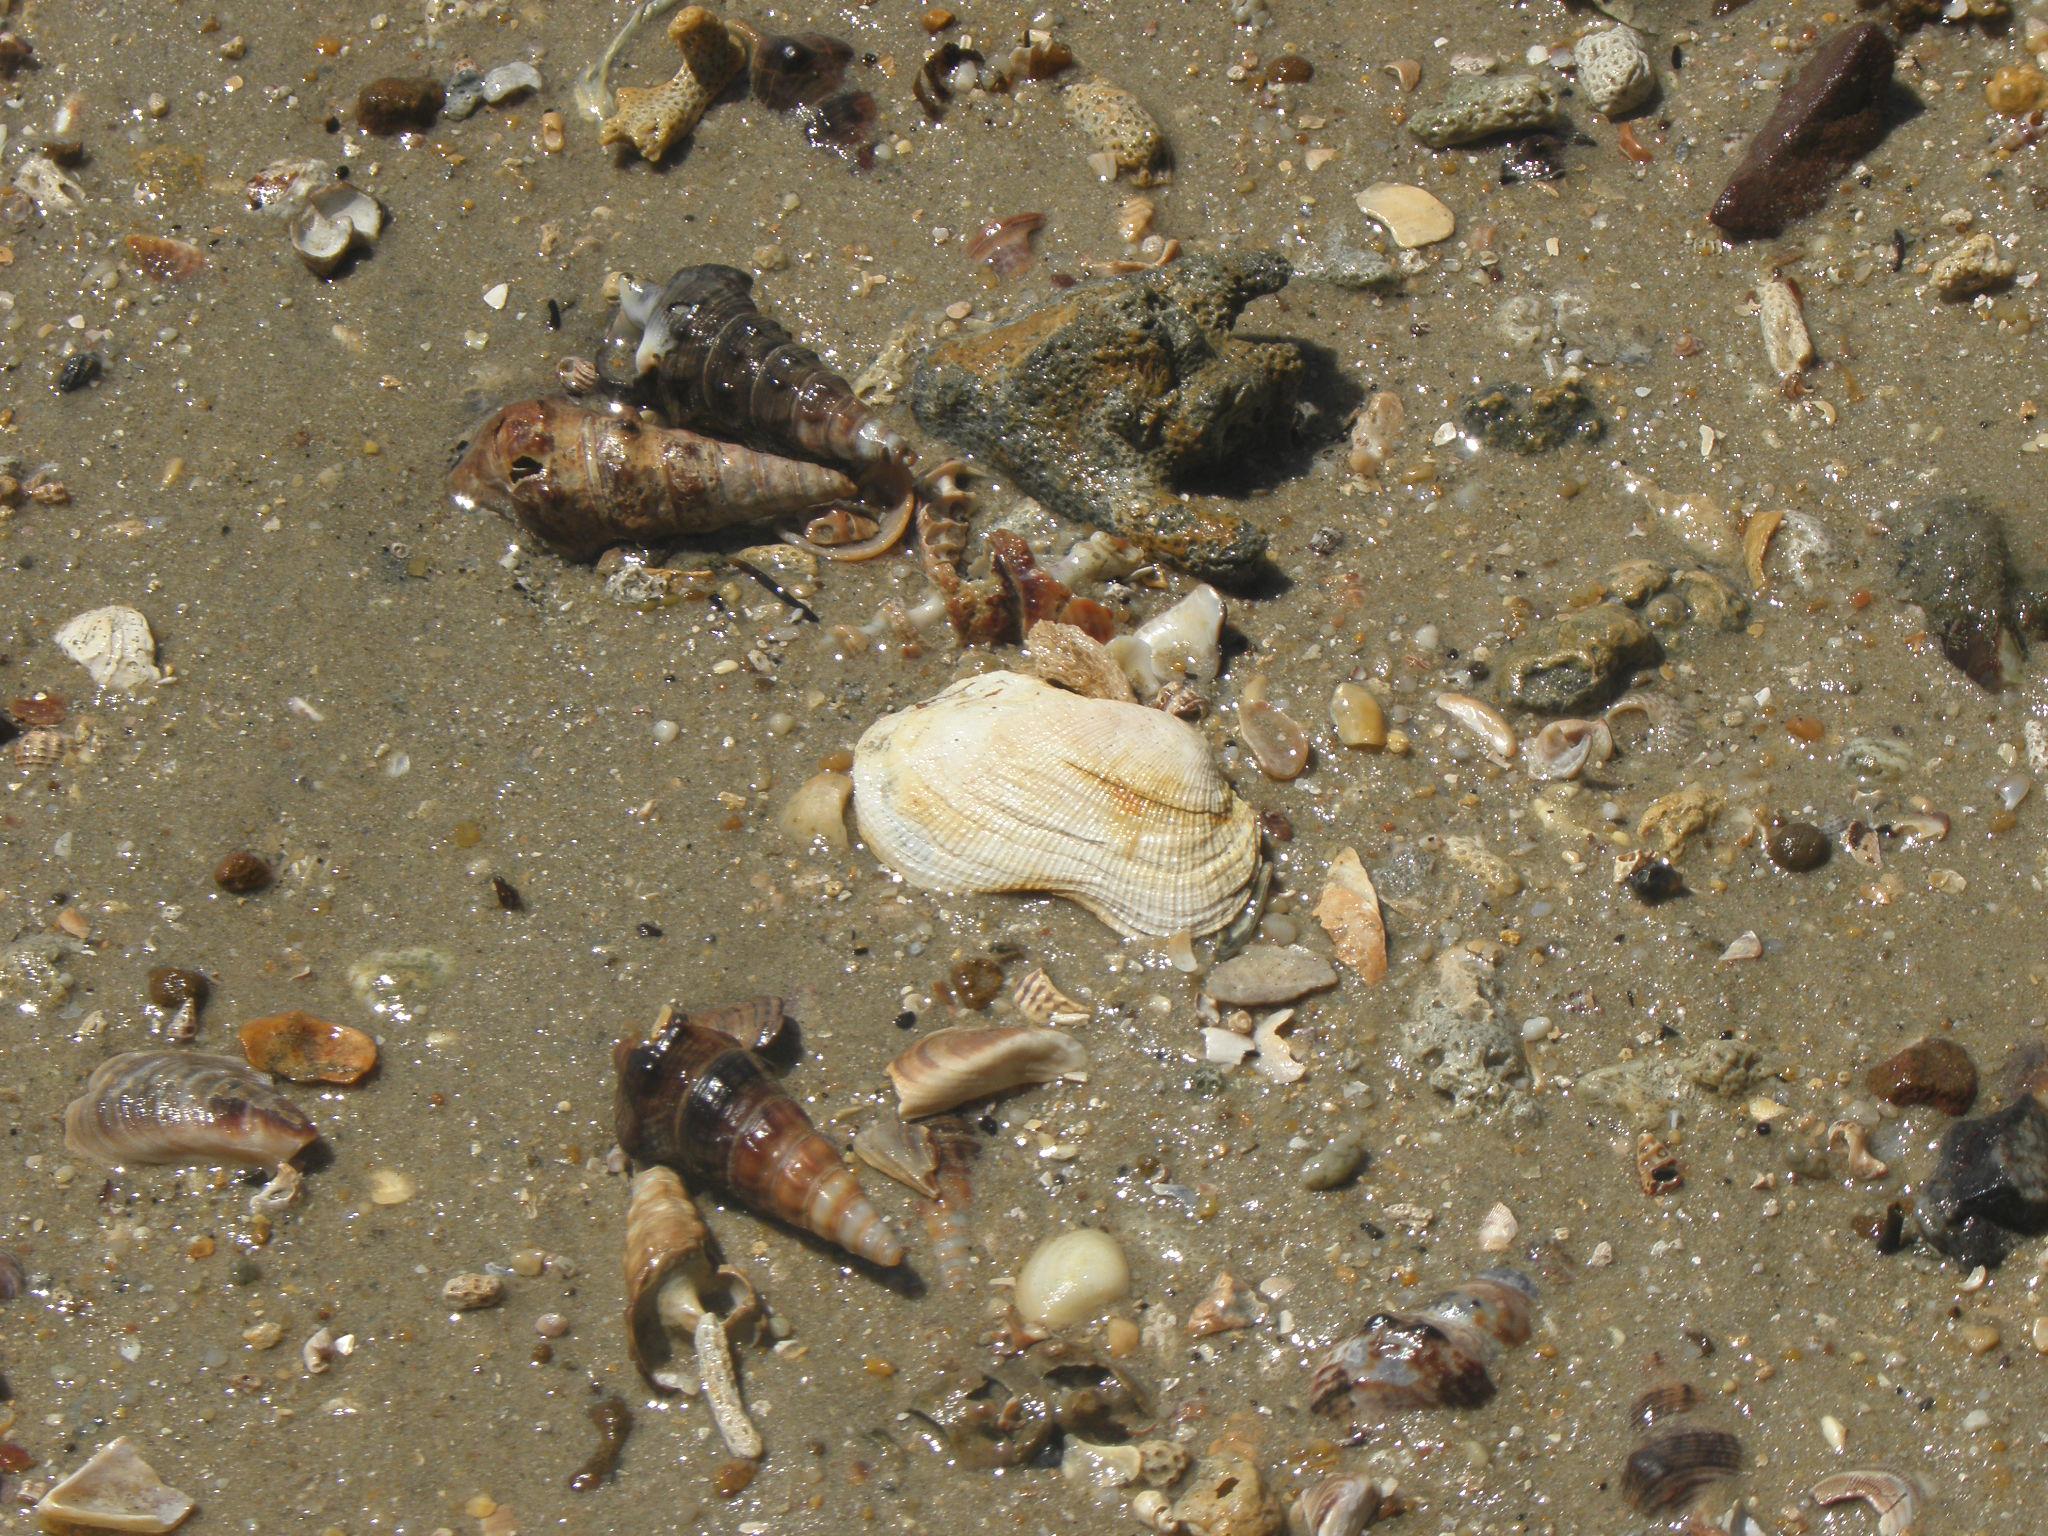 shells-closeup-Coochie